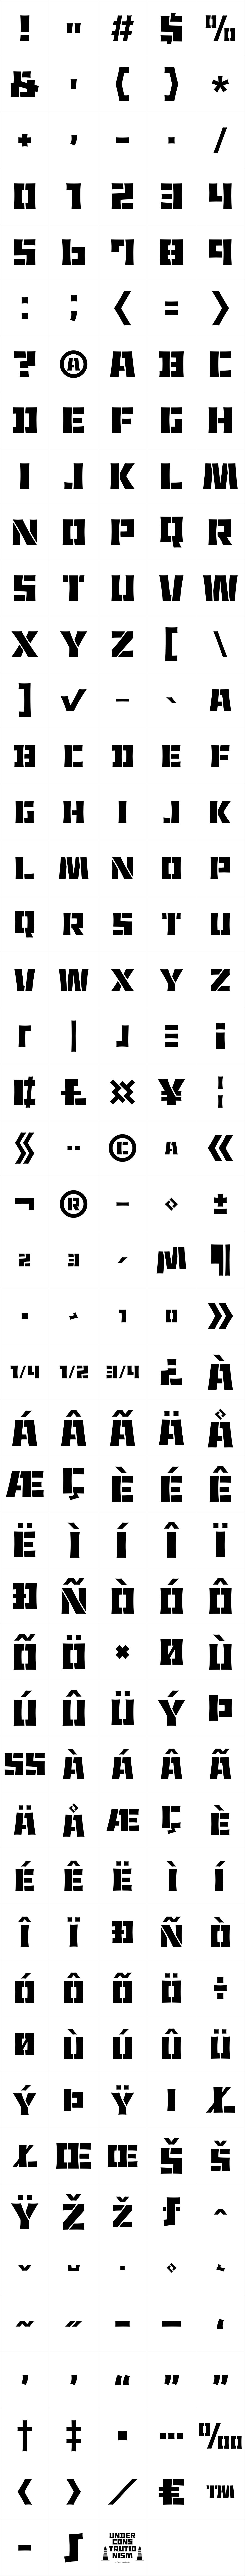 Underconstructionism Stencil